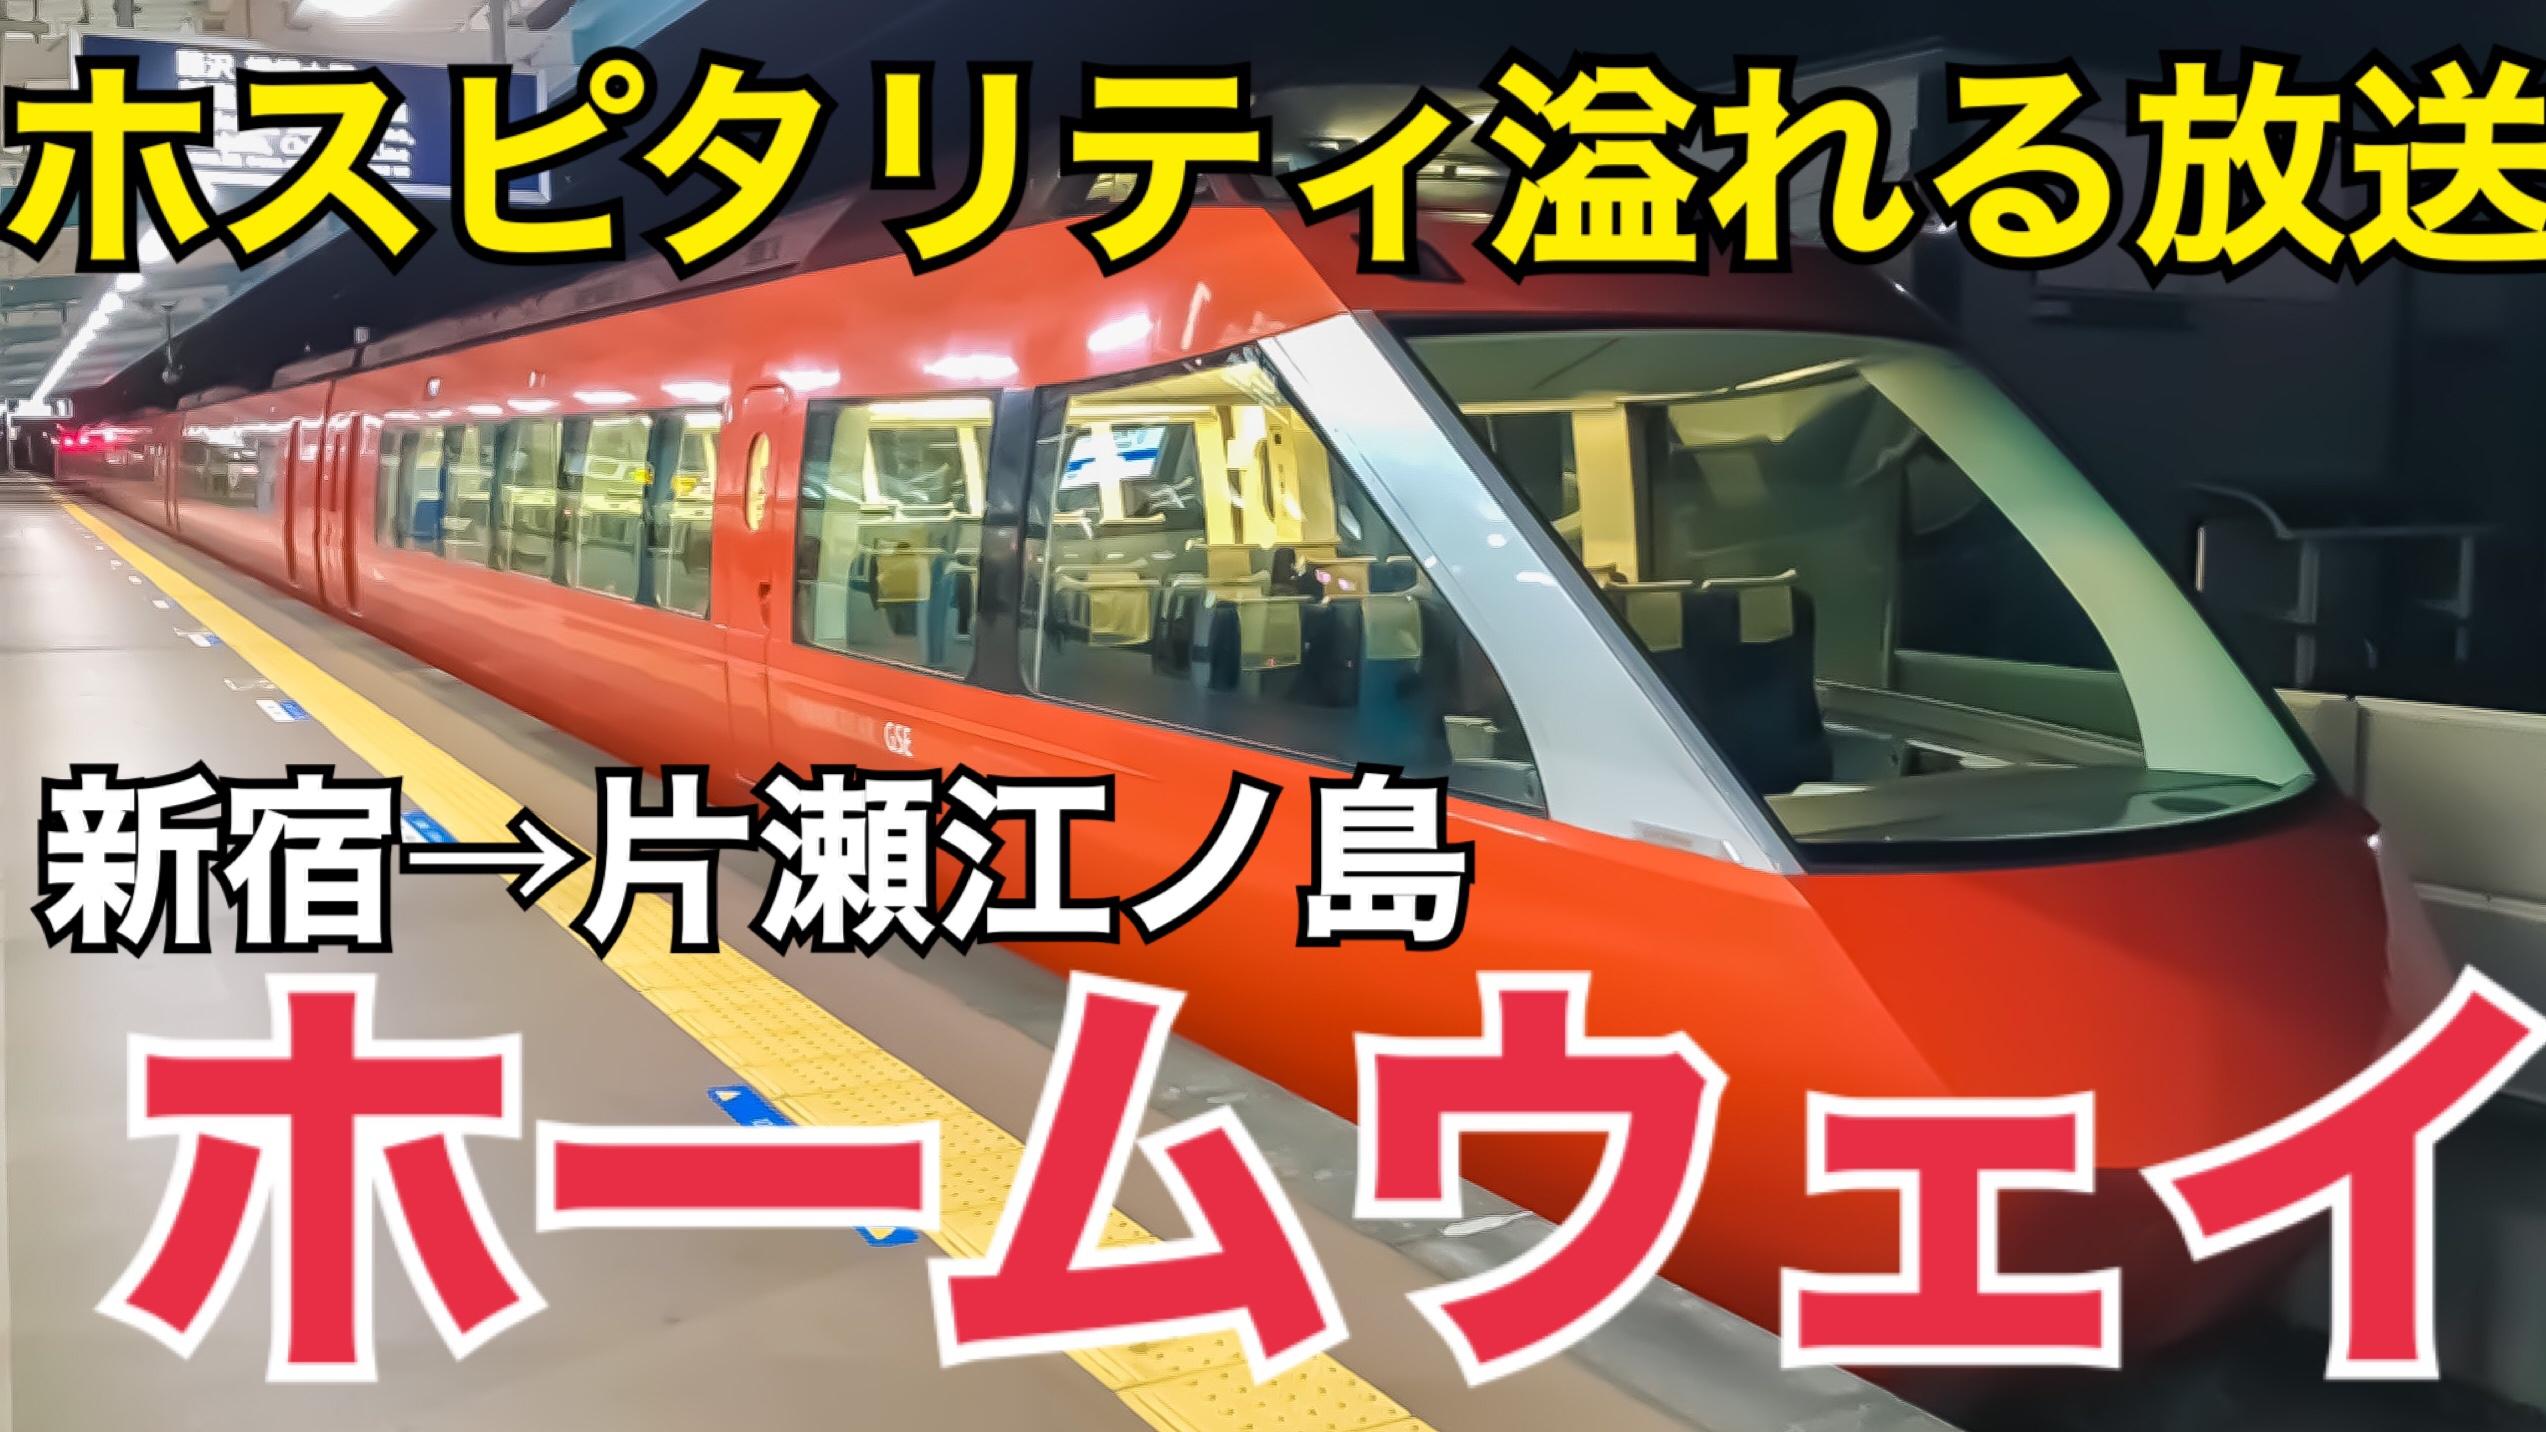 乗ってよかったと思える!GSEで運行の小田急ホームウェイに乗車!なぜ江ノ島線ホームウェイに展望車付き?【新年小田急の旅】